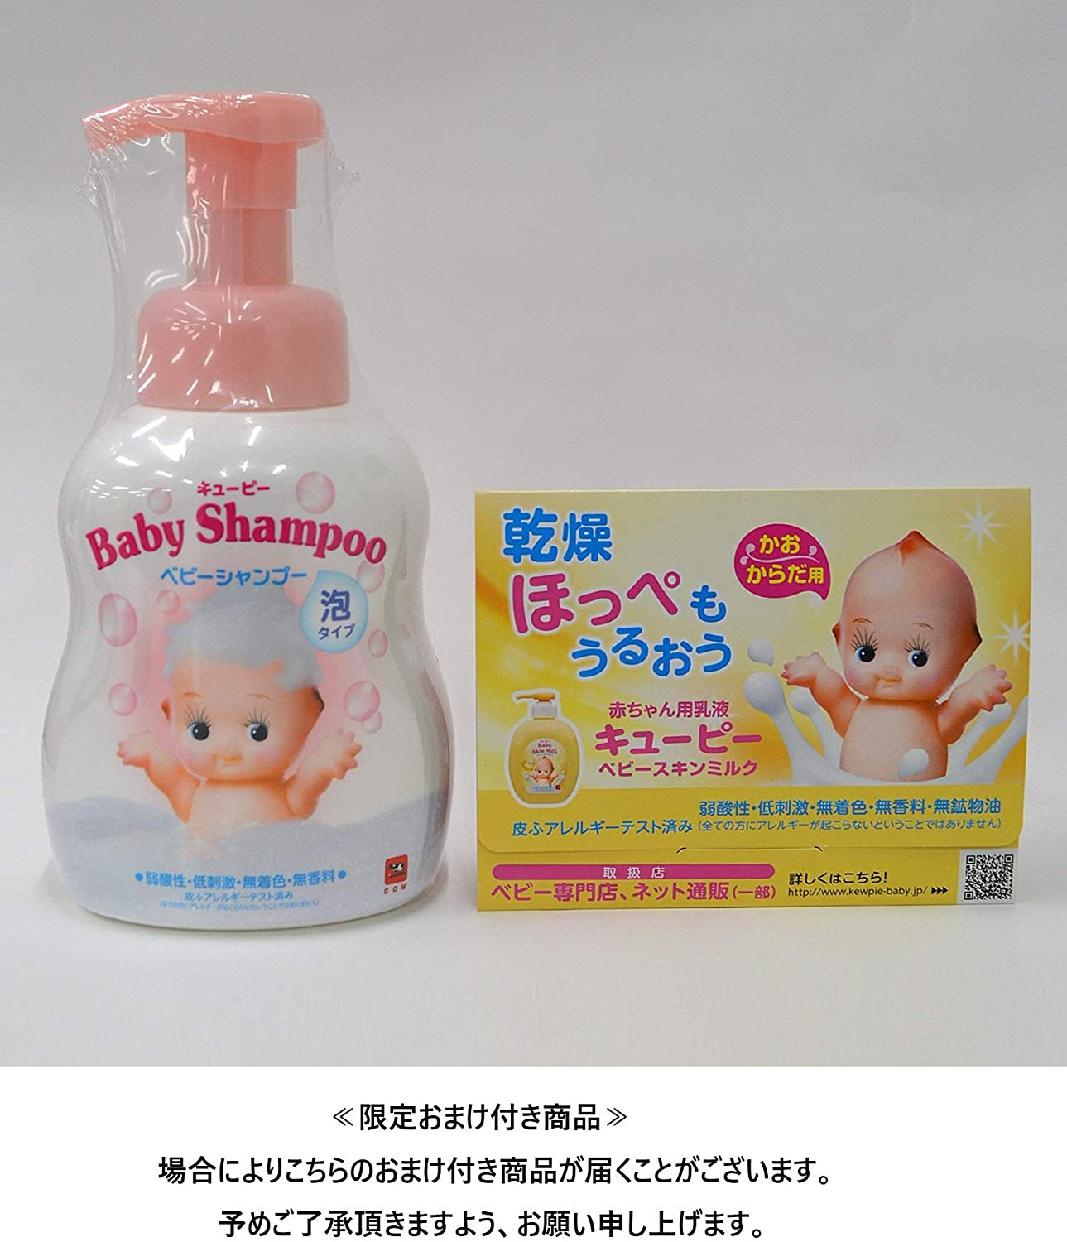 キューピー ベビーシャンプー 泡タイプ ポンプの商品画像3